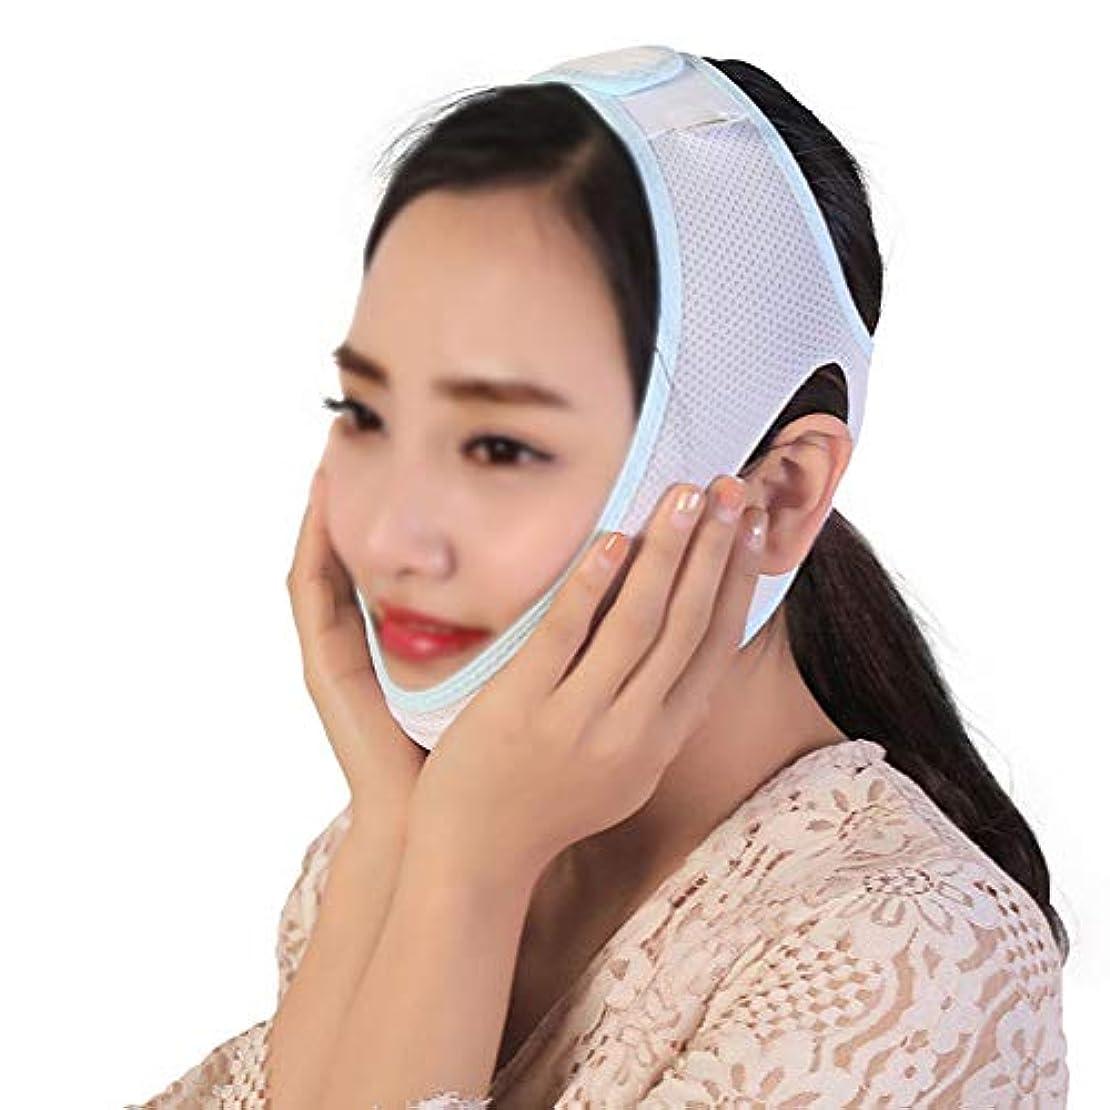 ジェーンオースティン美徳泥棒TLMY ファーミングマスクスモールVフェイスアーティファクトリフティングサーフェスプラスチックマスクコンフォートアップグレード最適化改善顔面カーブ包括的な通気性包帯 顔用整形マスク (Size : M)